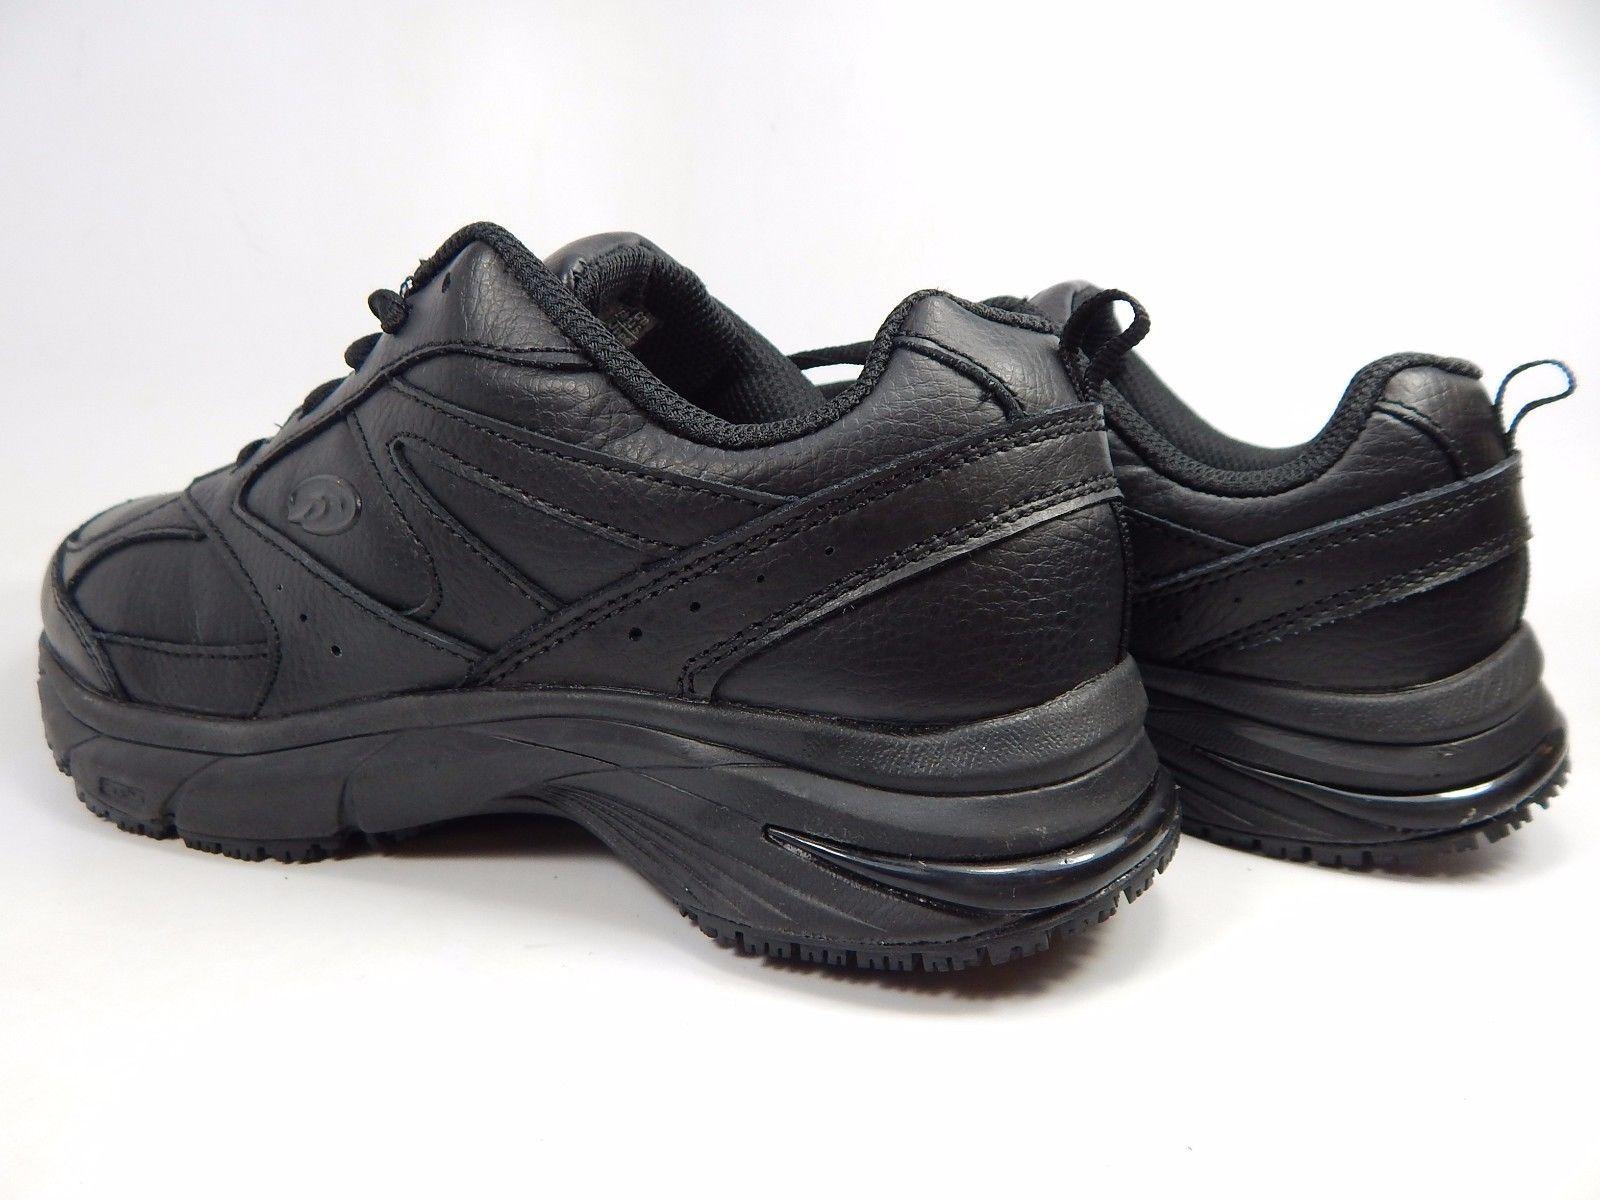 Dr. Scholl's Storm Women's Slip Resistant Work Shoes Size US 9.5 W (D) WIDE